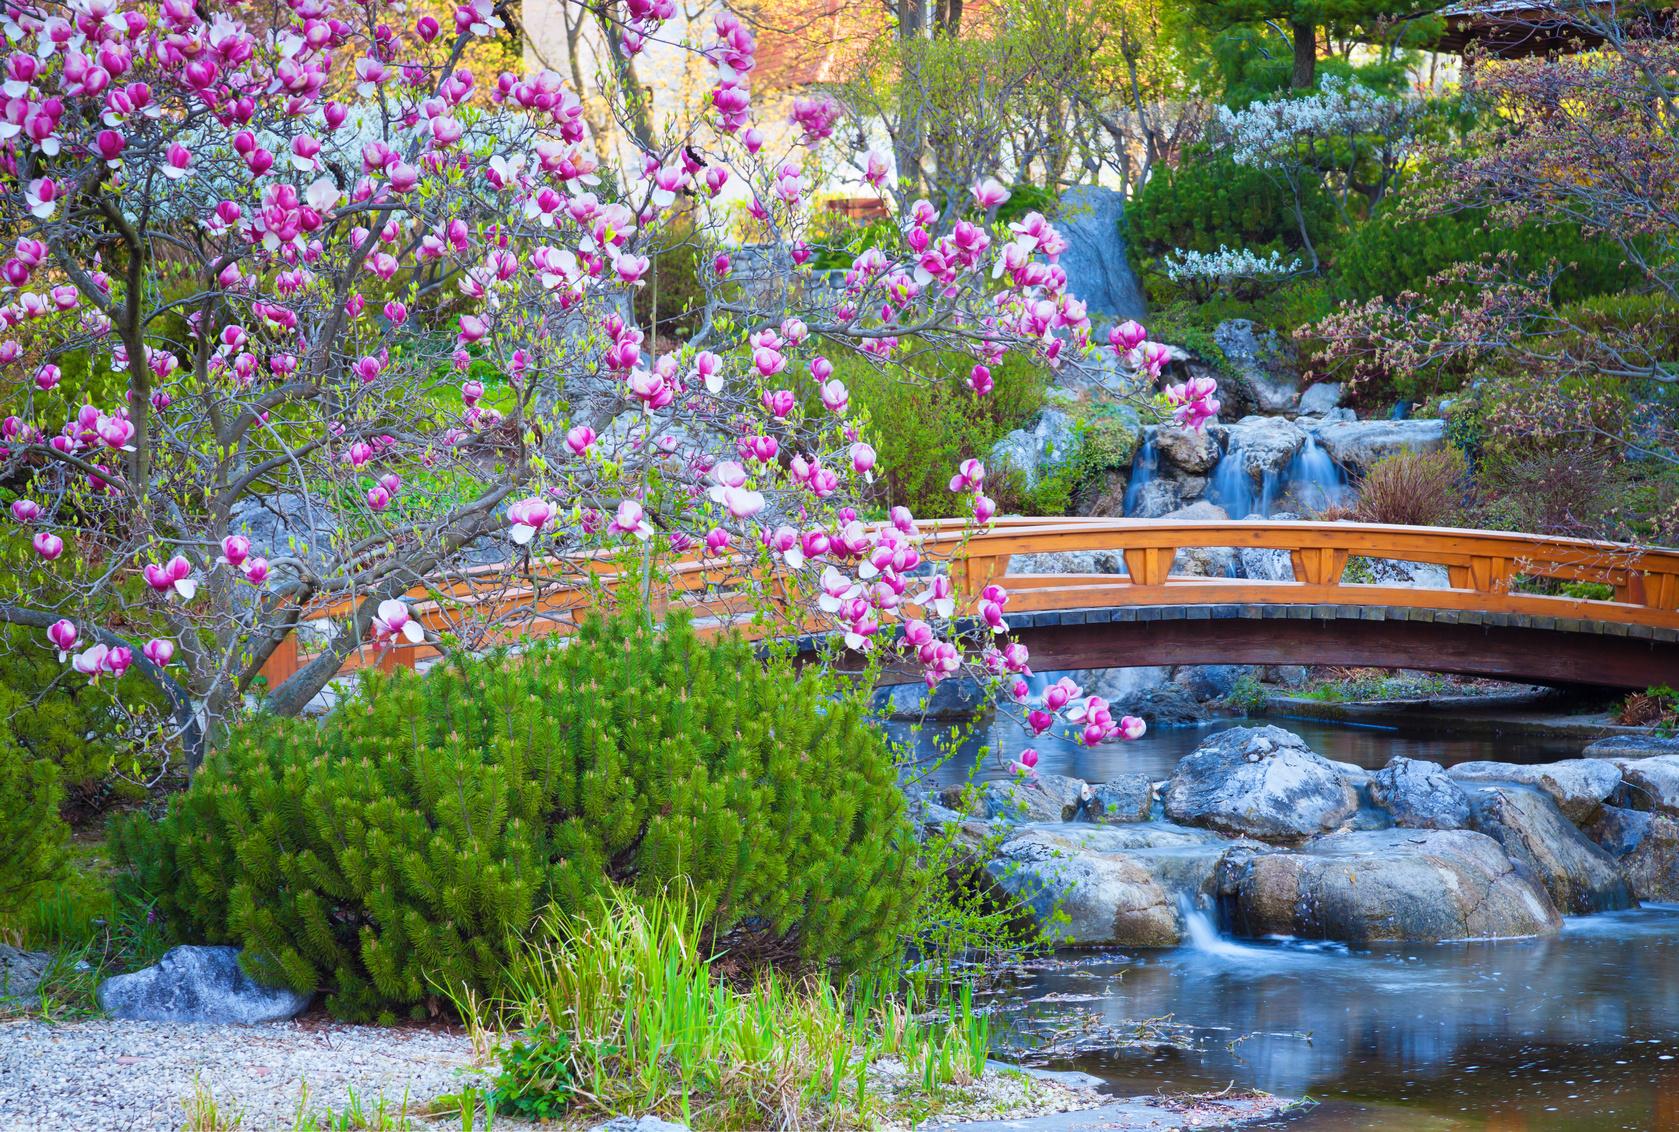 Les jardins paysagers l esprit japonais en vogue for Jardins paysagers